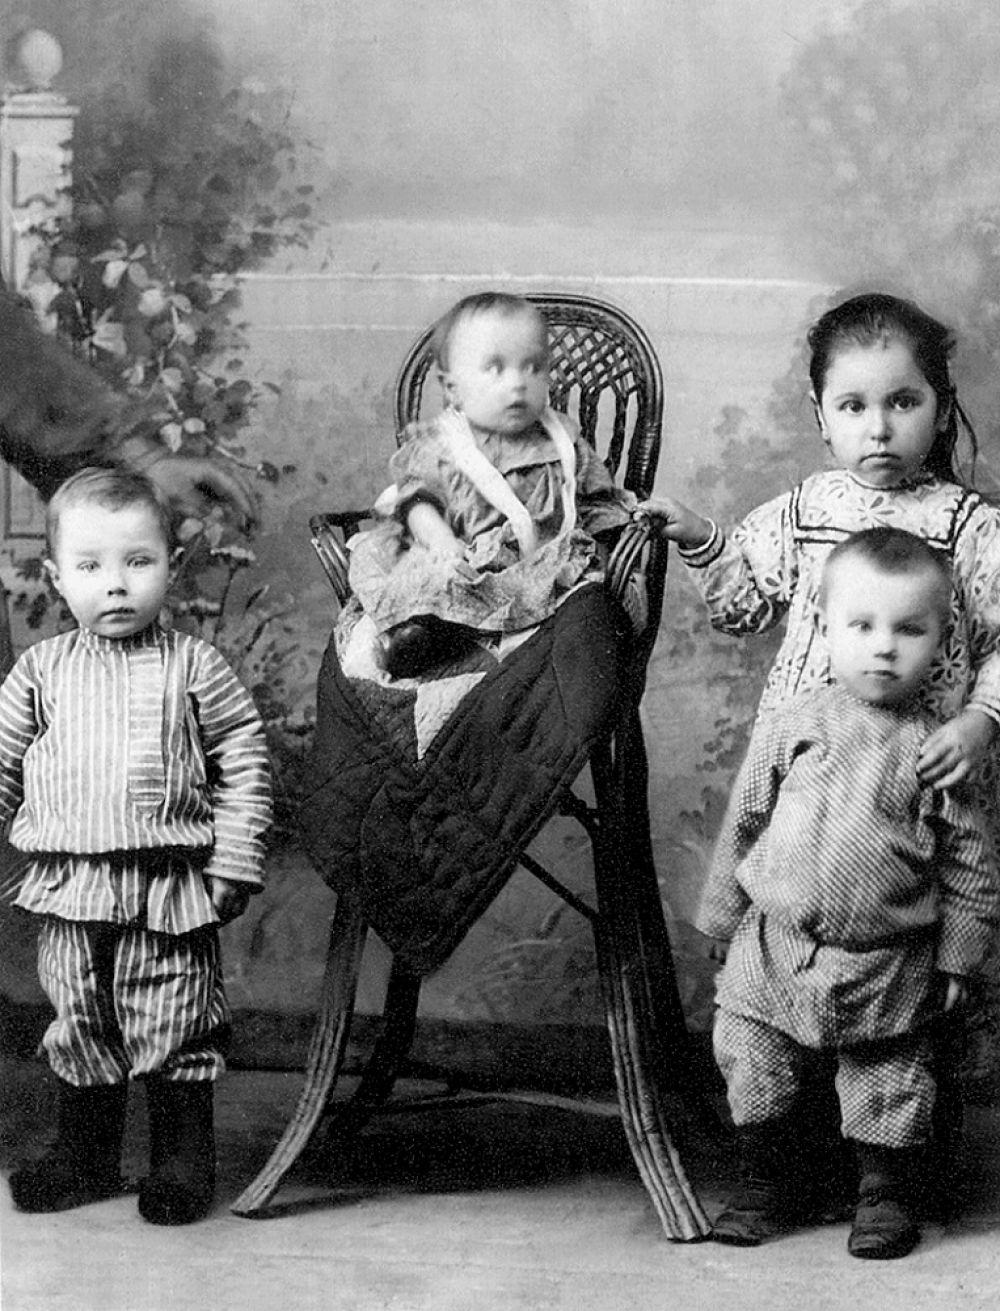 У кофты, как правило, рукав фонариком, зауженный манжетик, отделка кружевом, воланы. У бабок - фартук. О том, как много было одежды у наших предков, говорит такой факт: за невестой в приданое давали «18- 20 перемен одежды». Был, к примеру пасхальный сарафан, который надевали один раз в год, на Пасху. Шубы носили мехом внутрь. Сверху крыли дорогим сукном, шёлком. Самые богатые надевали шубы-ротонды (без рукавов, в пол). Даже у самой бедной гимназистки была муфта. Длина У девочек длина юбки - ниже колен. У всех остальных - в пол. У самых богатых - с хвостом по полу.